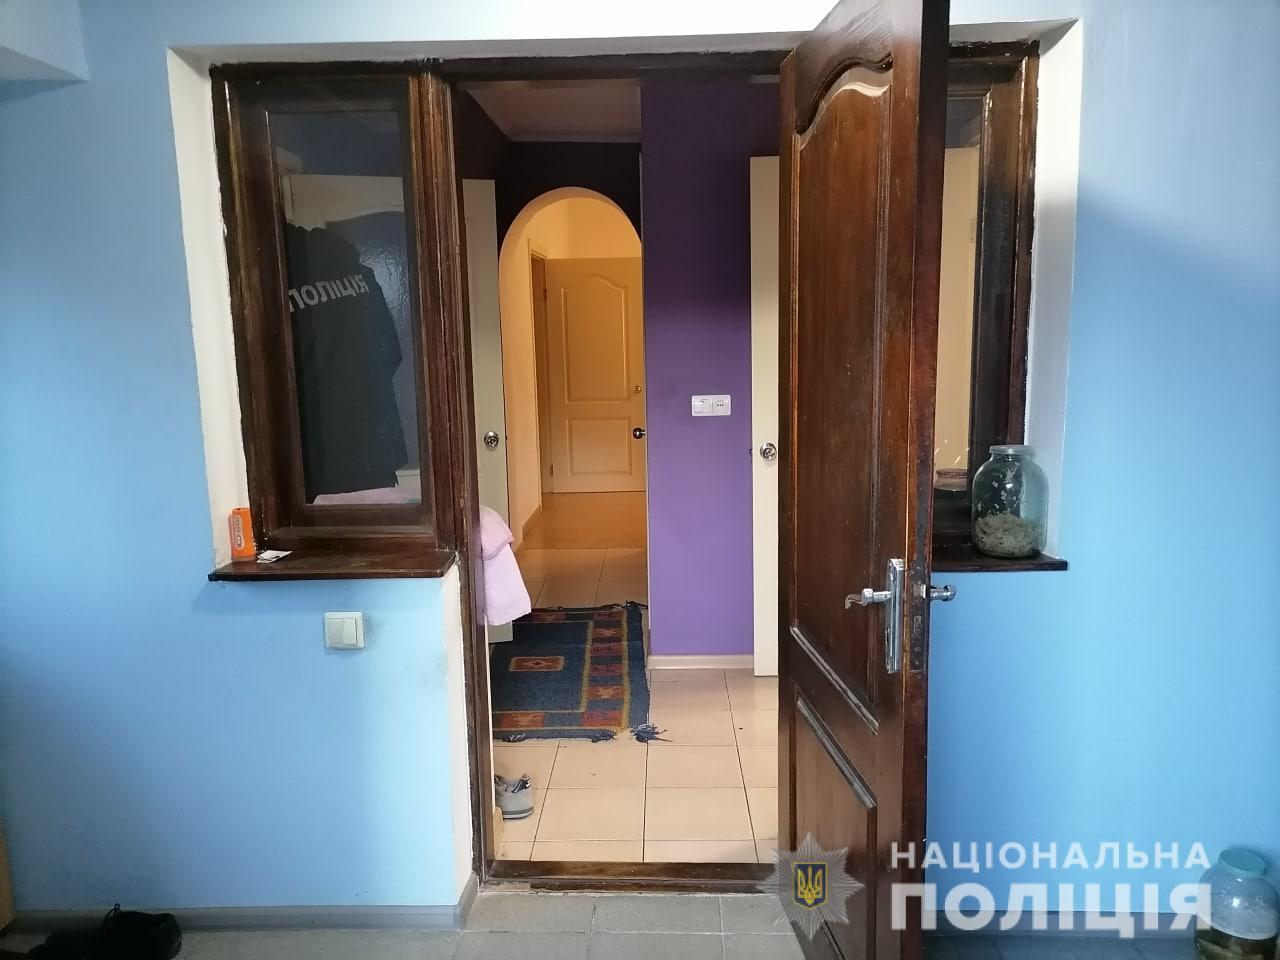 Семейная драма под Ровно: мать пыталась зарезать спящего сына, фото 1